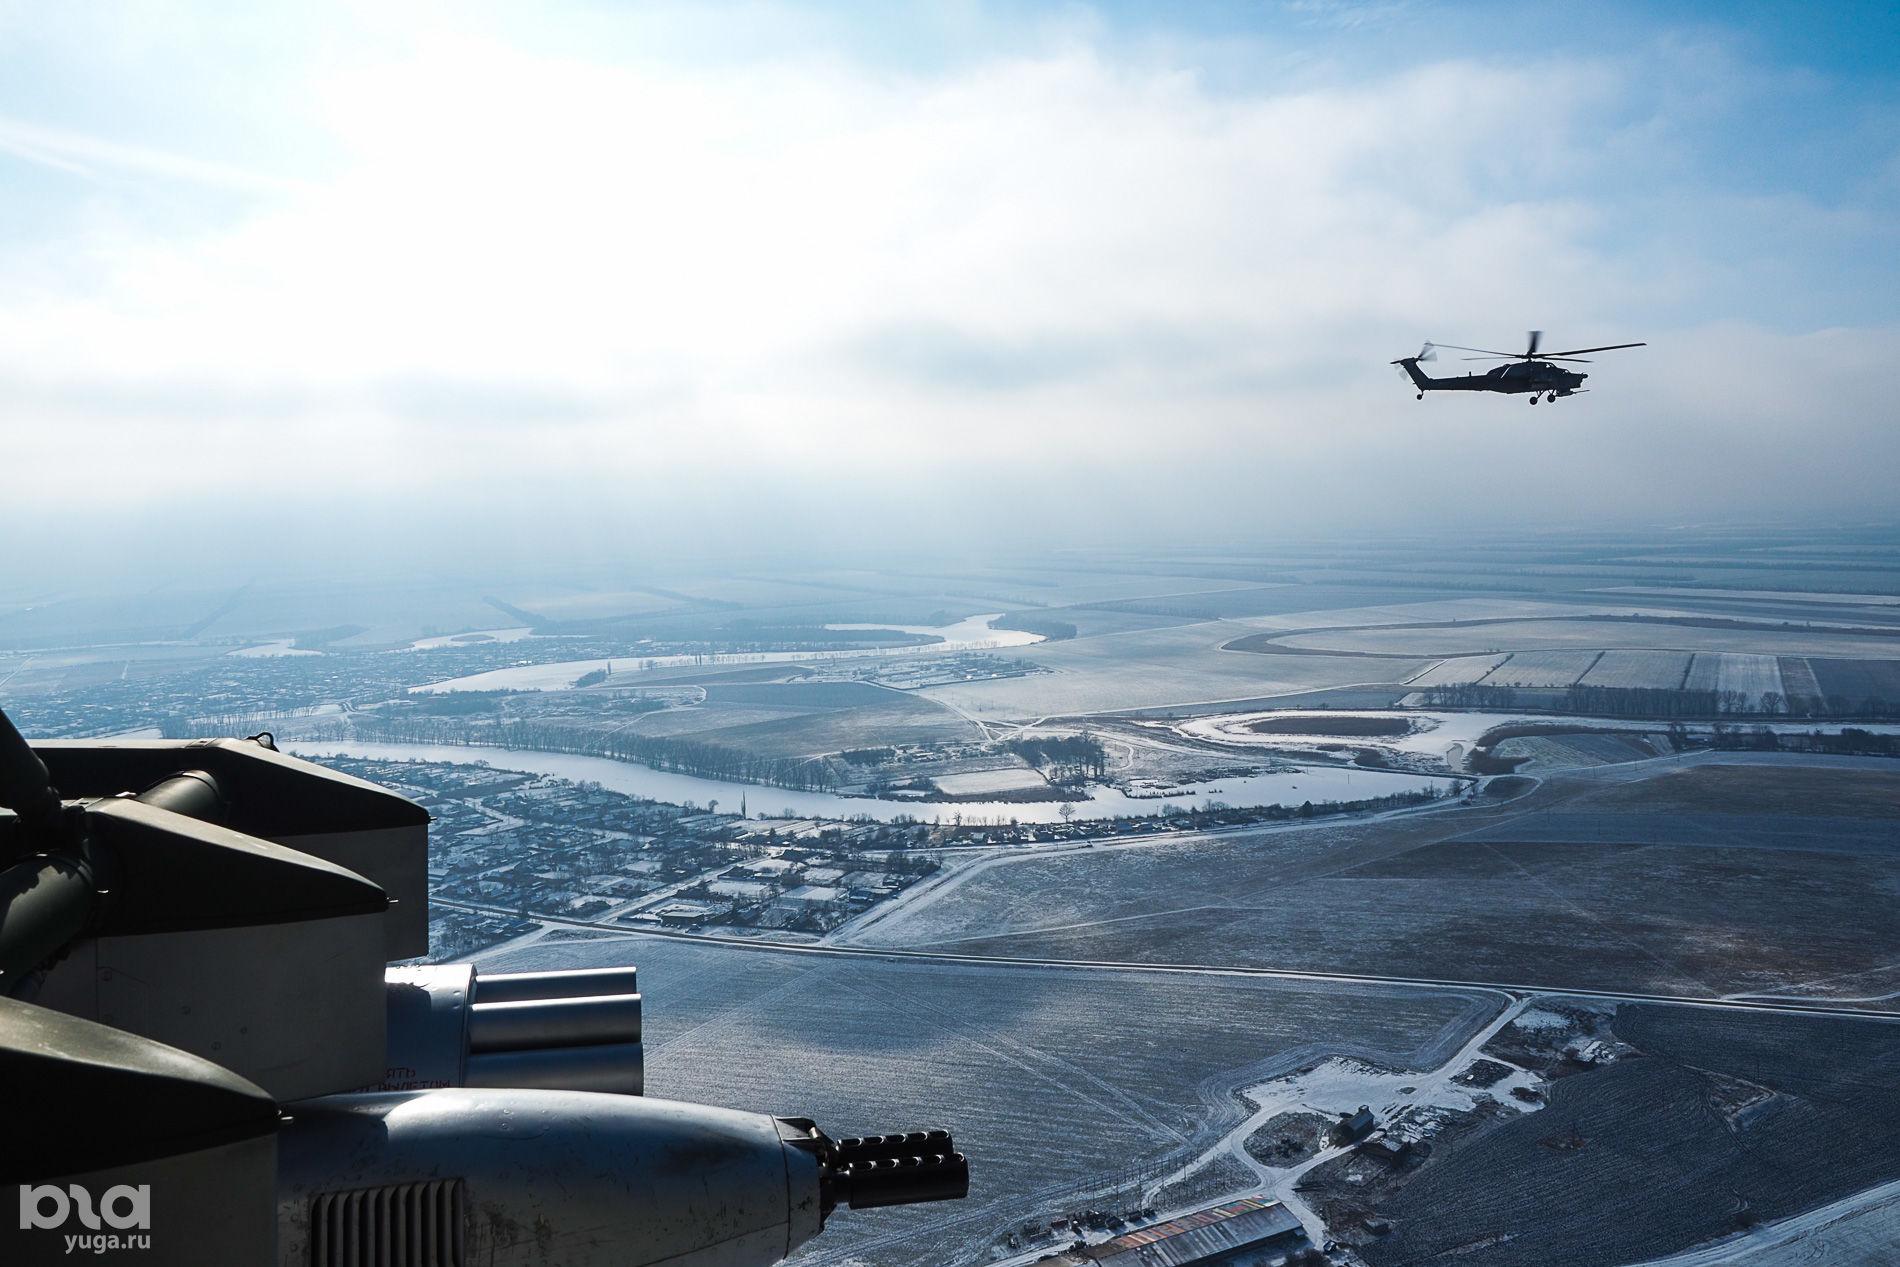 Экипаж вертолета Ми-28Н «Ночной охотник» выполняет полет с отработкой элементов простого и сложного пилотирования ©Виталий Тимкив, Юга.ру